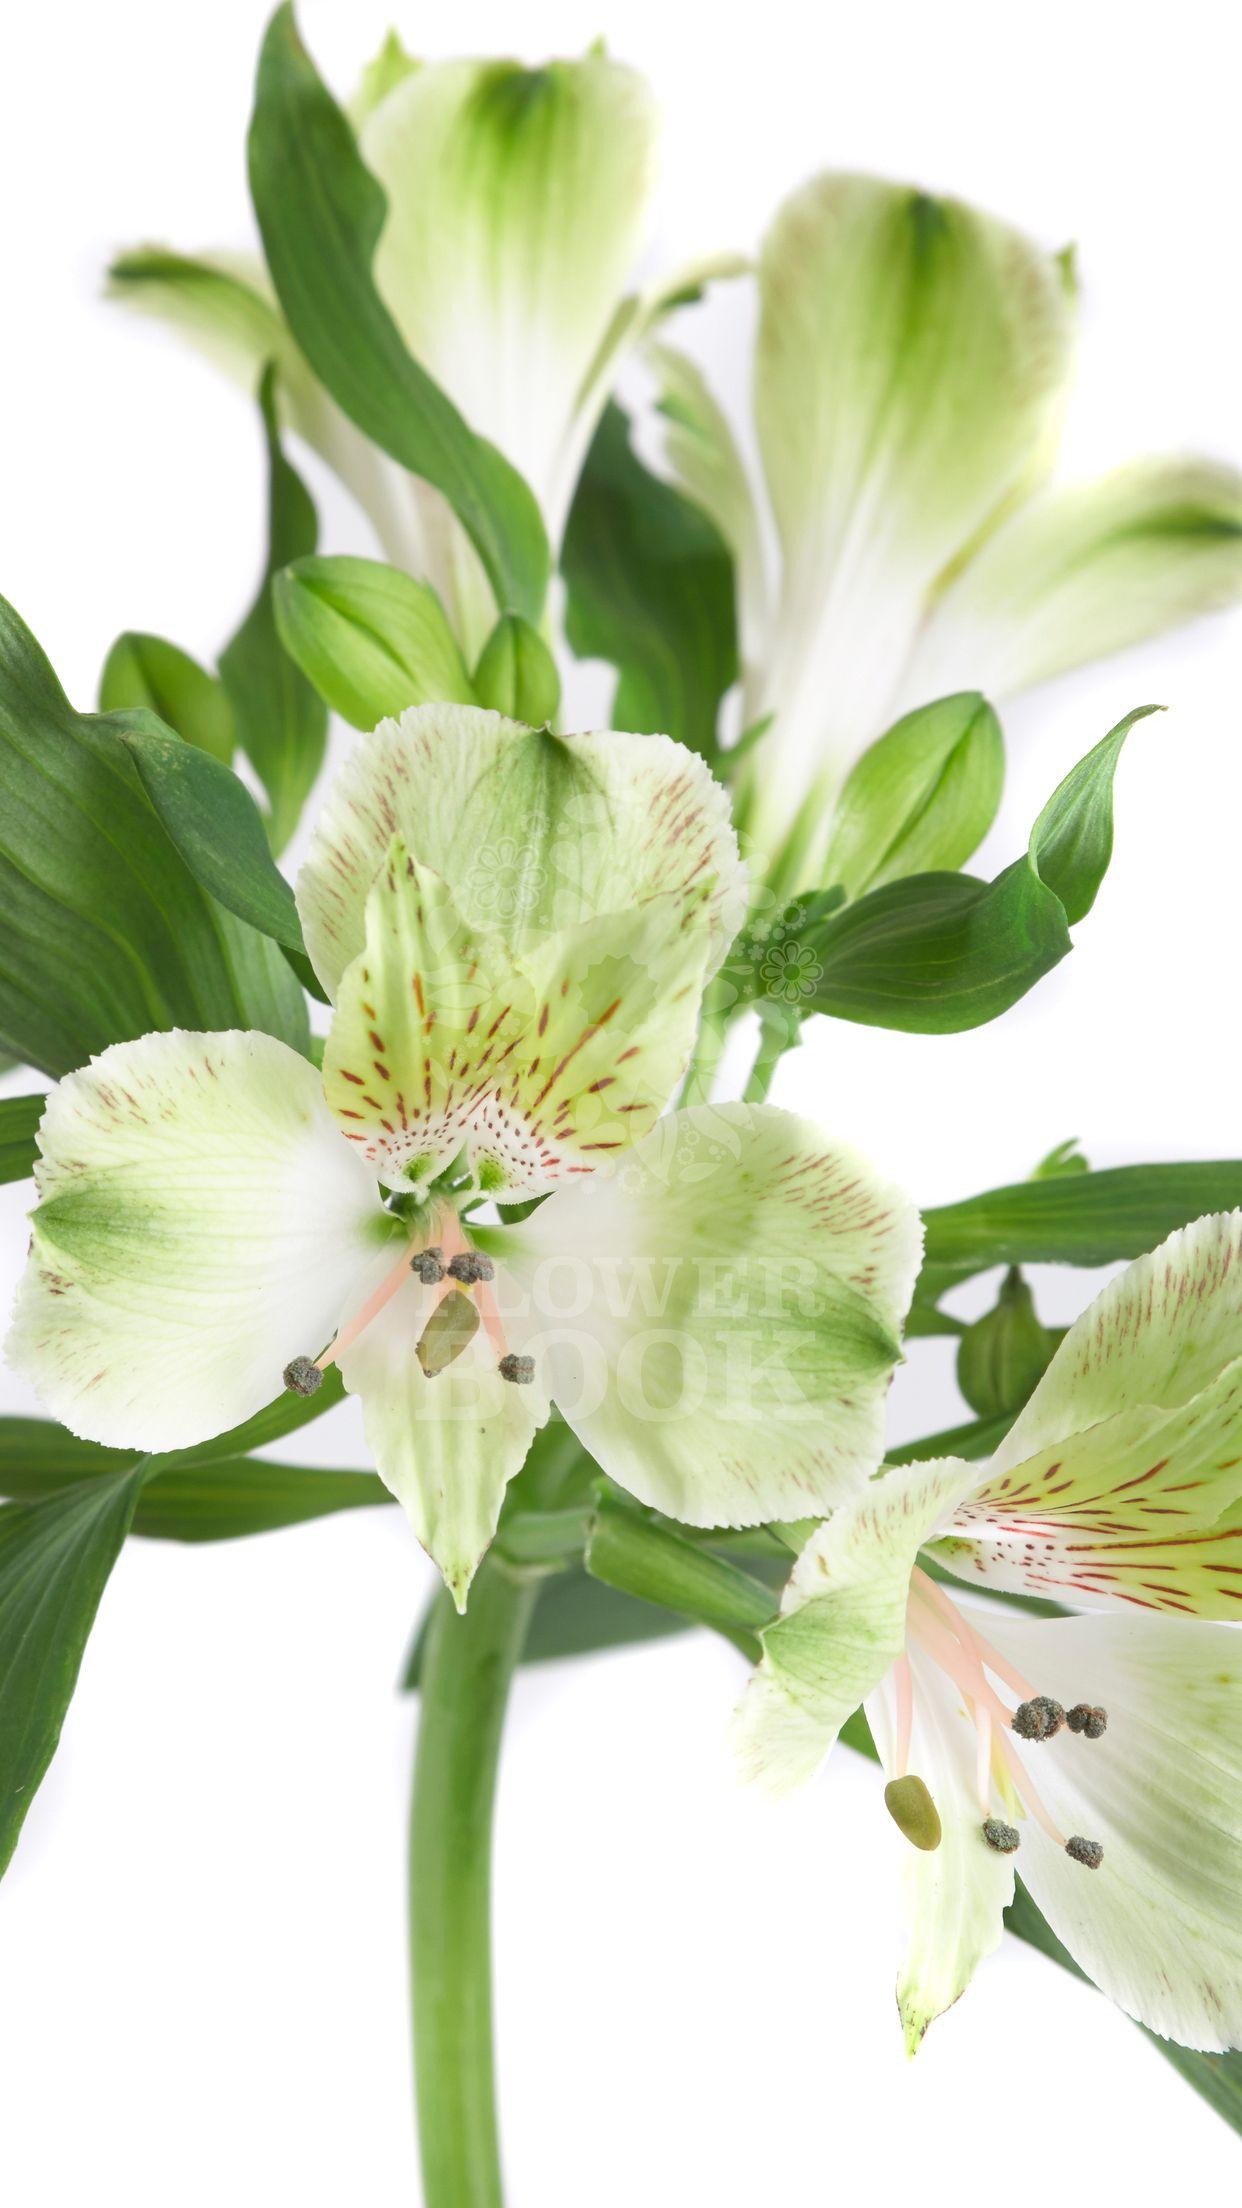 Alstroemeria Greenfield At Flowerbook App Alstroemeria Hydrangea Garden Flower Garden